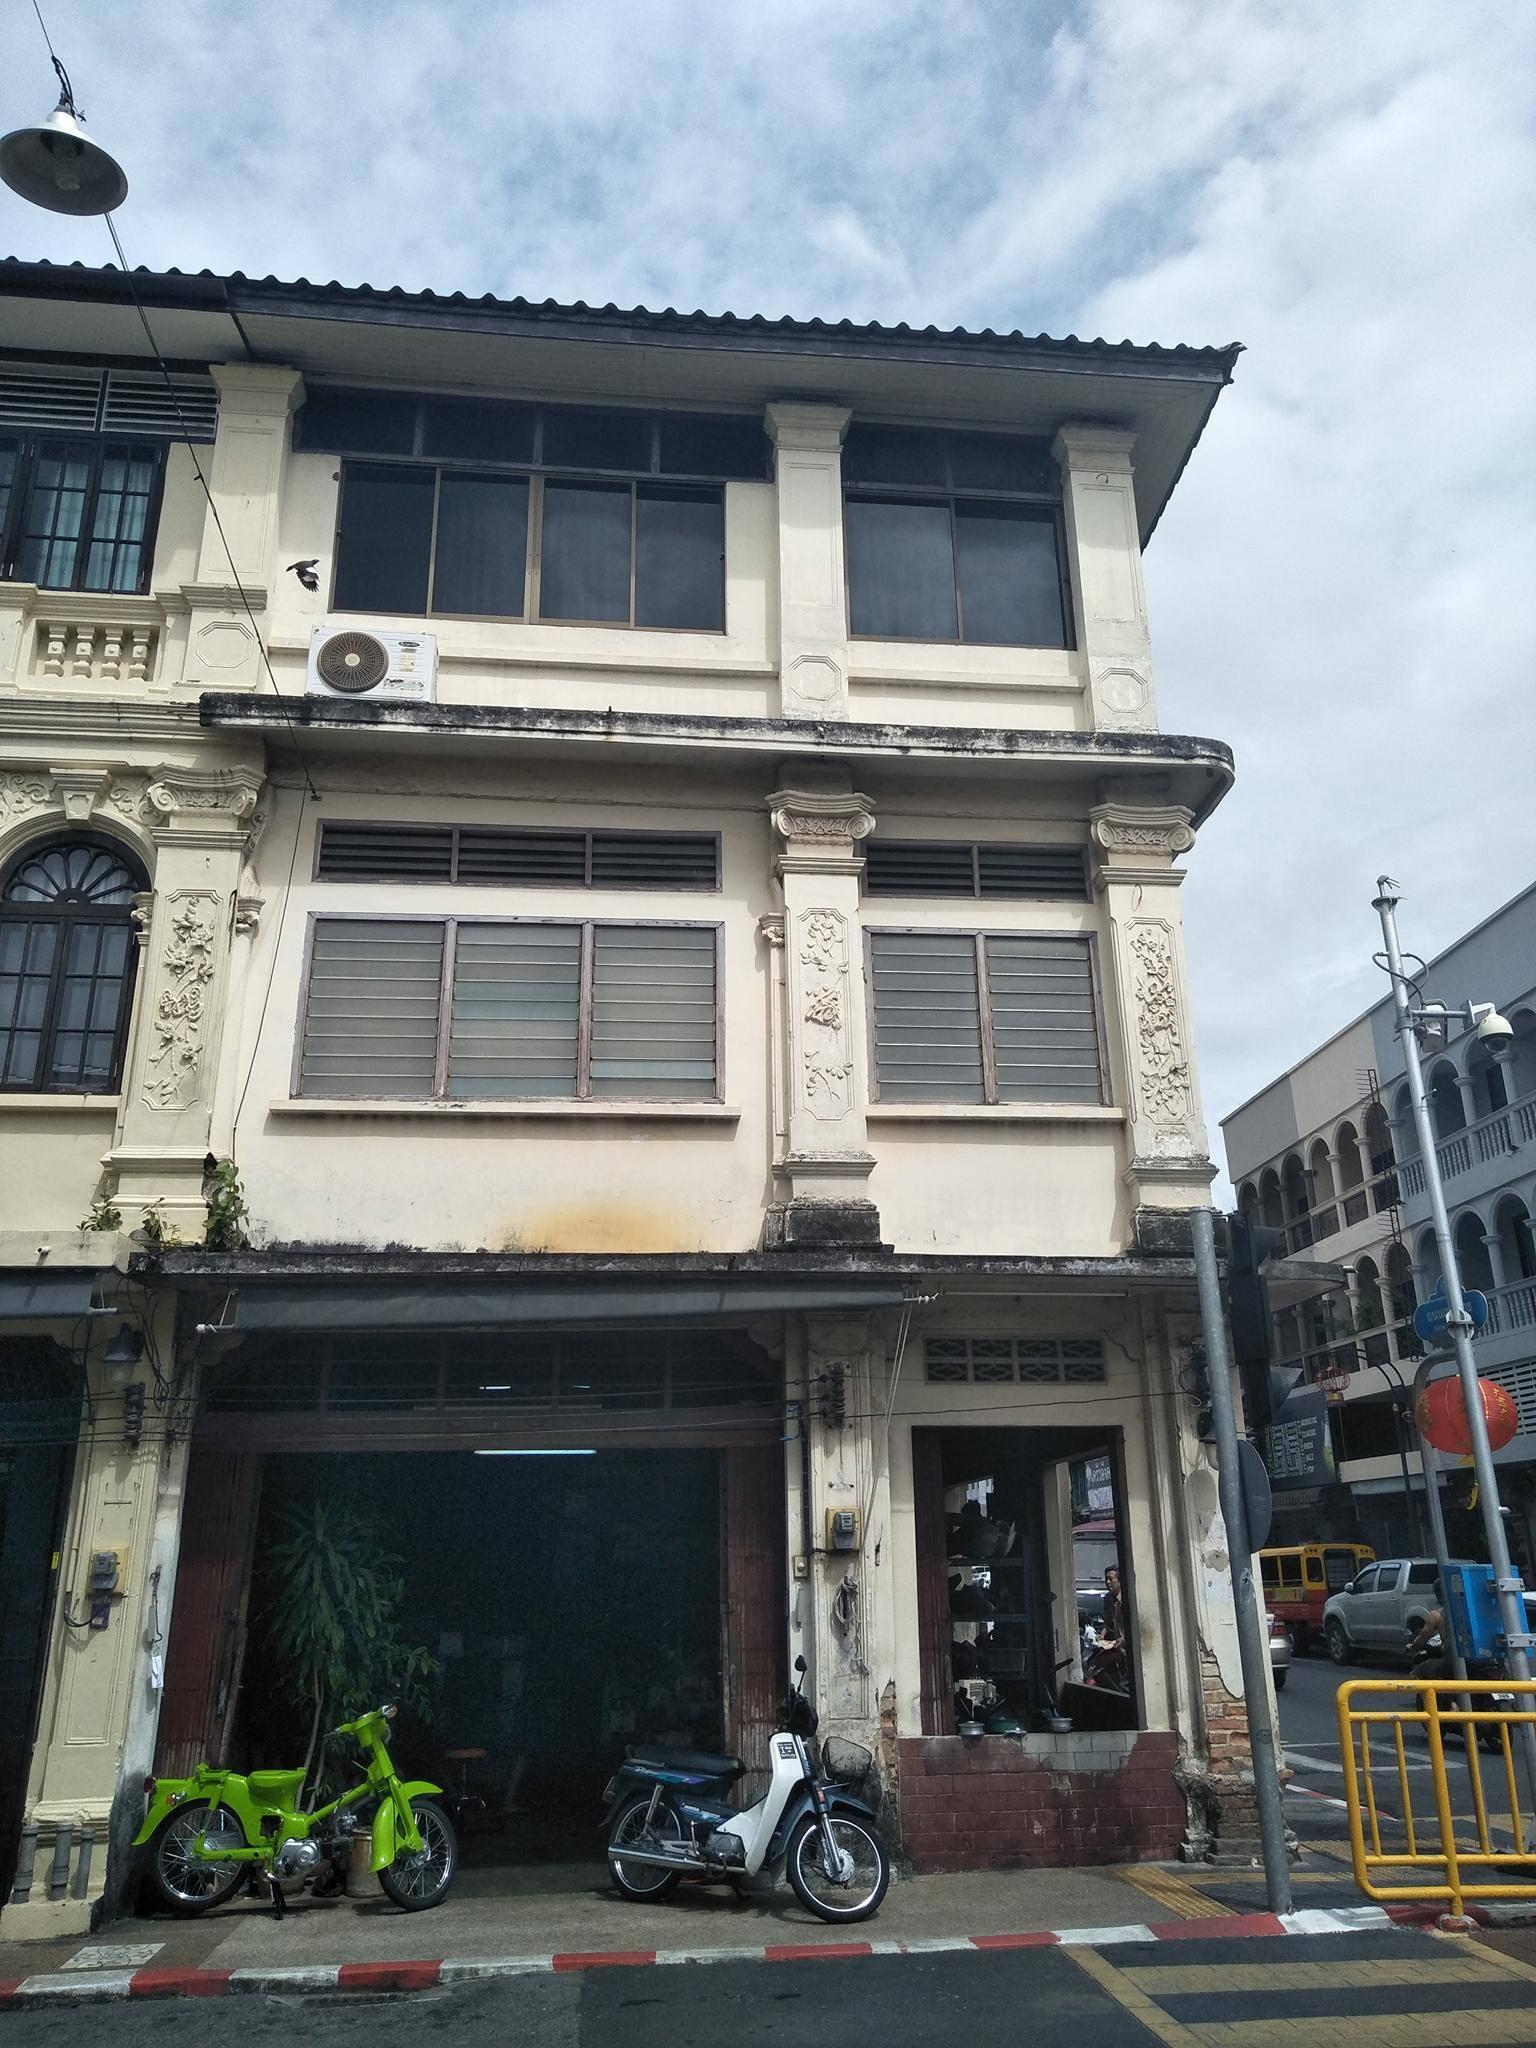 푸켓 무앙 푸켓 크라비 로드 일본해군클럽